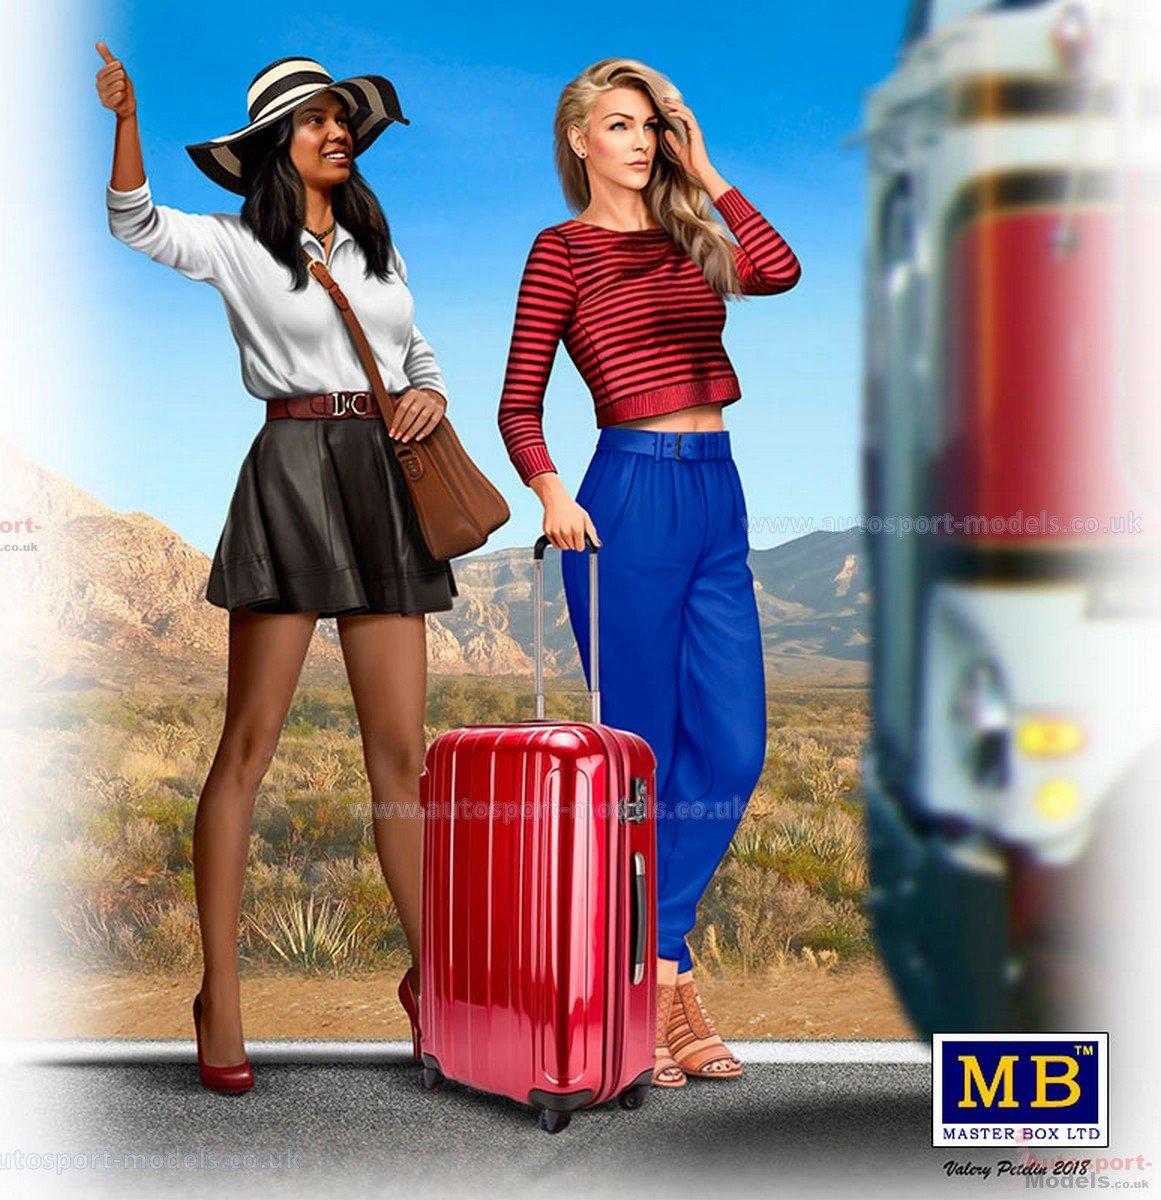 Masterbox 24041 Modellbausatz, Verschiedene